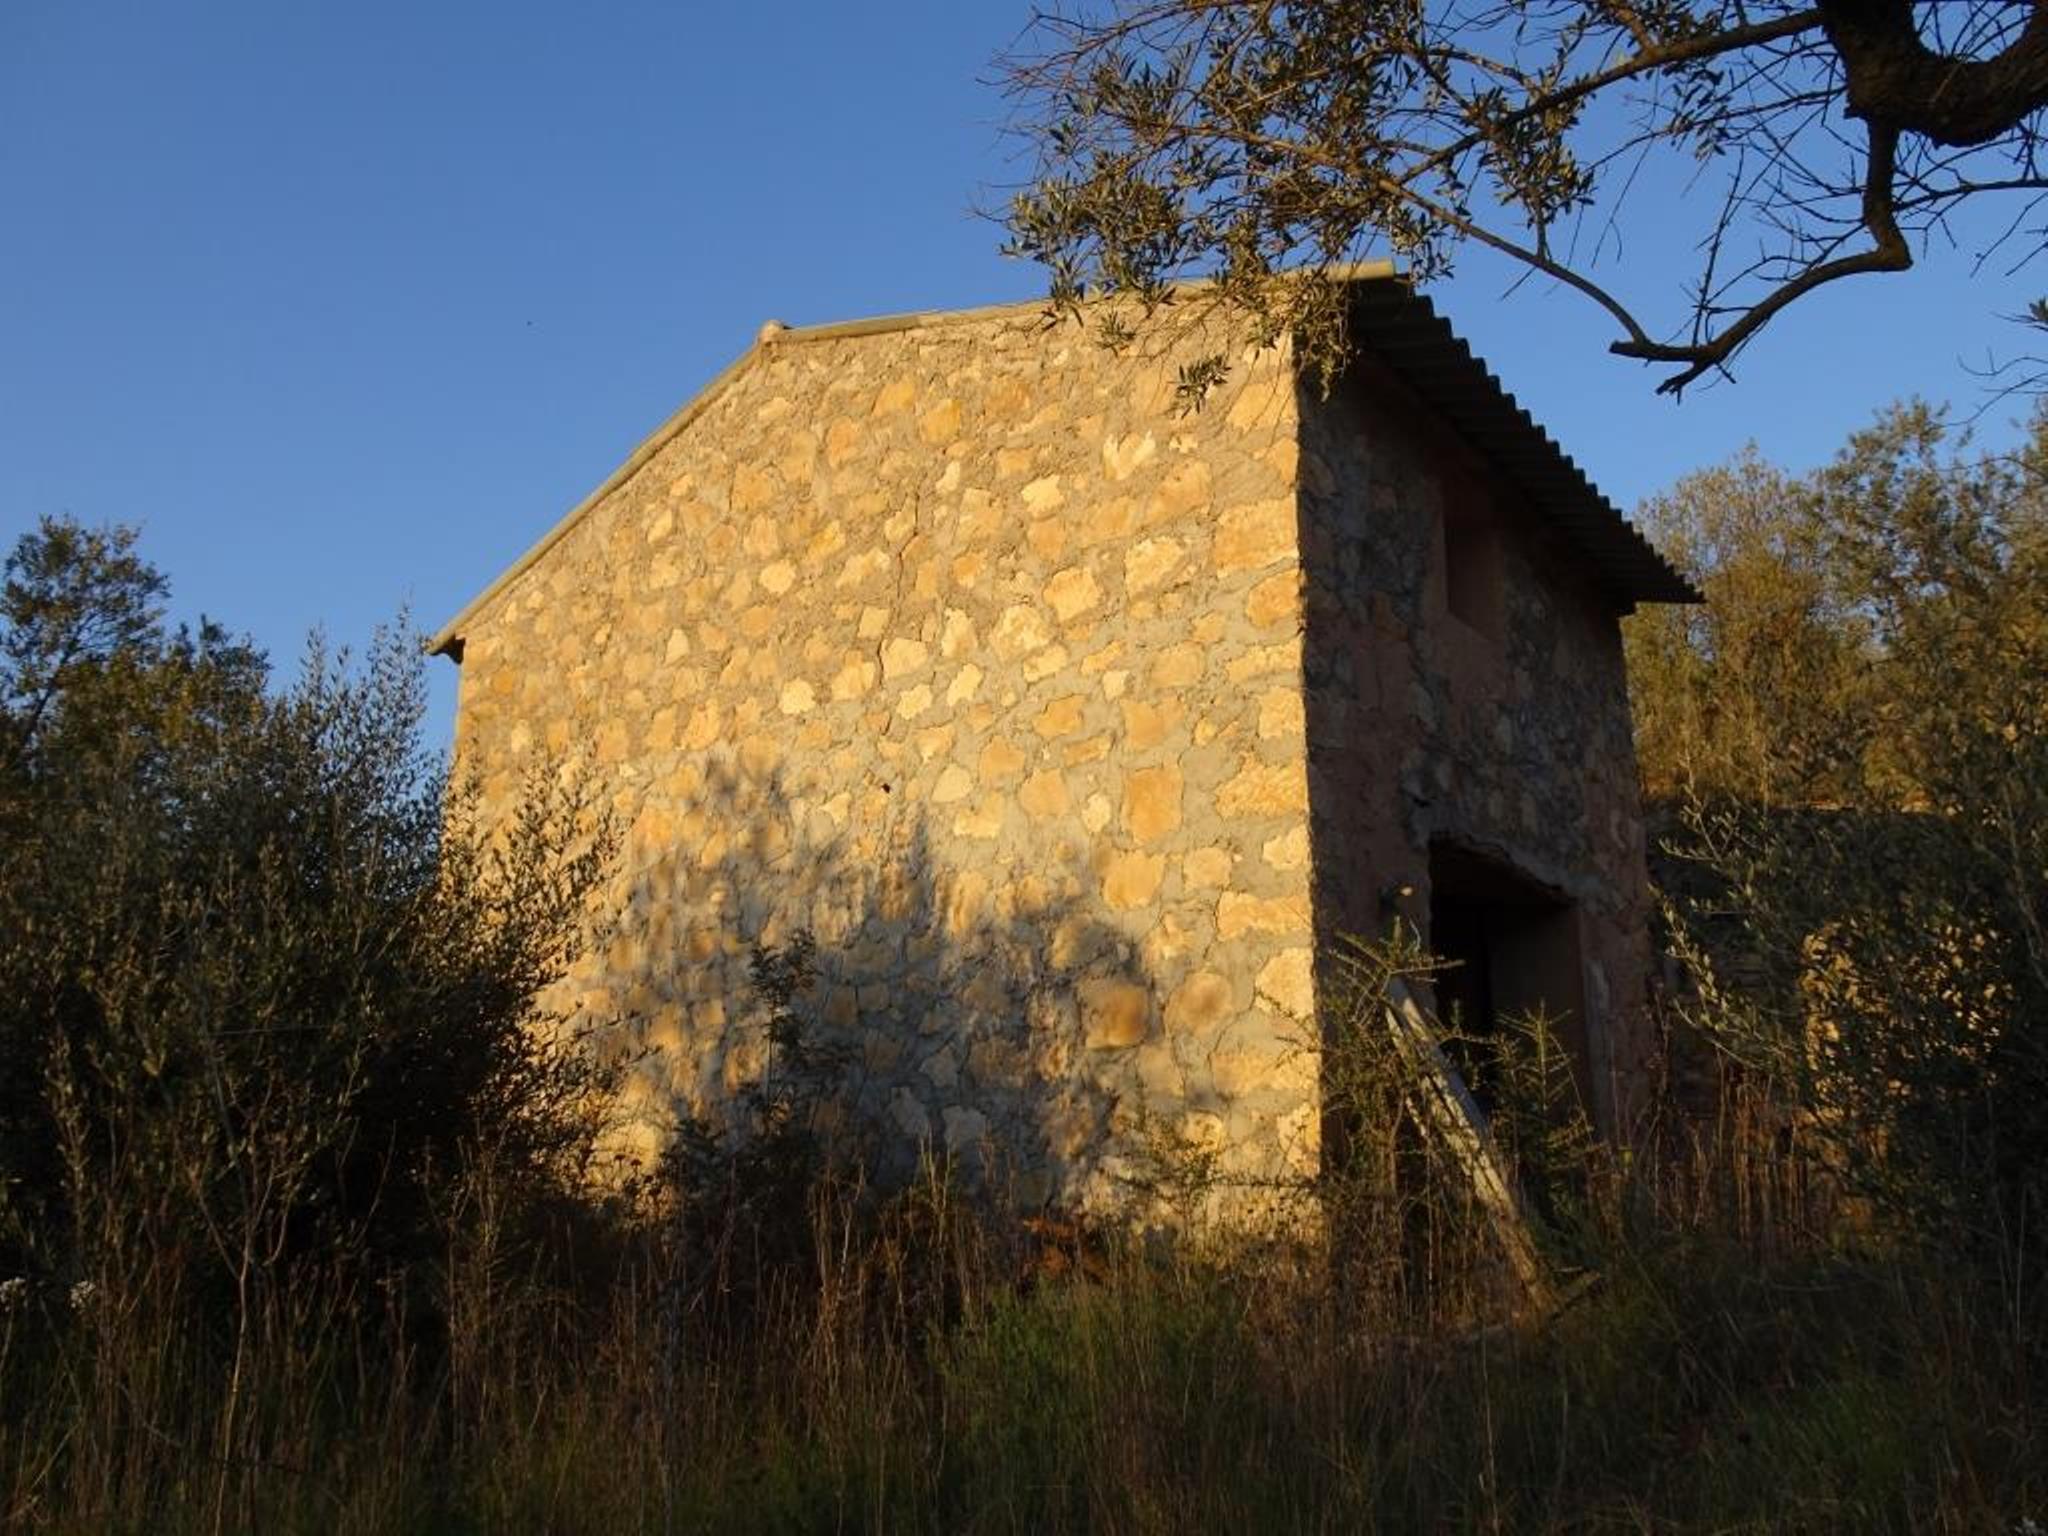 LA TORRE DE L'ESPANYOL, ,Masia amb corral,Rústica,LA TORRE DE L'ESPANYOL,1130